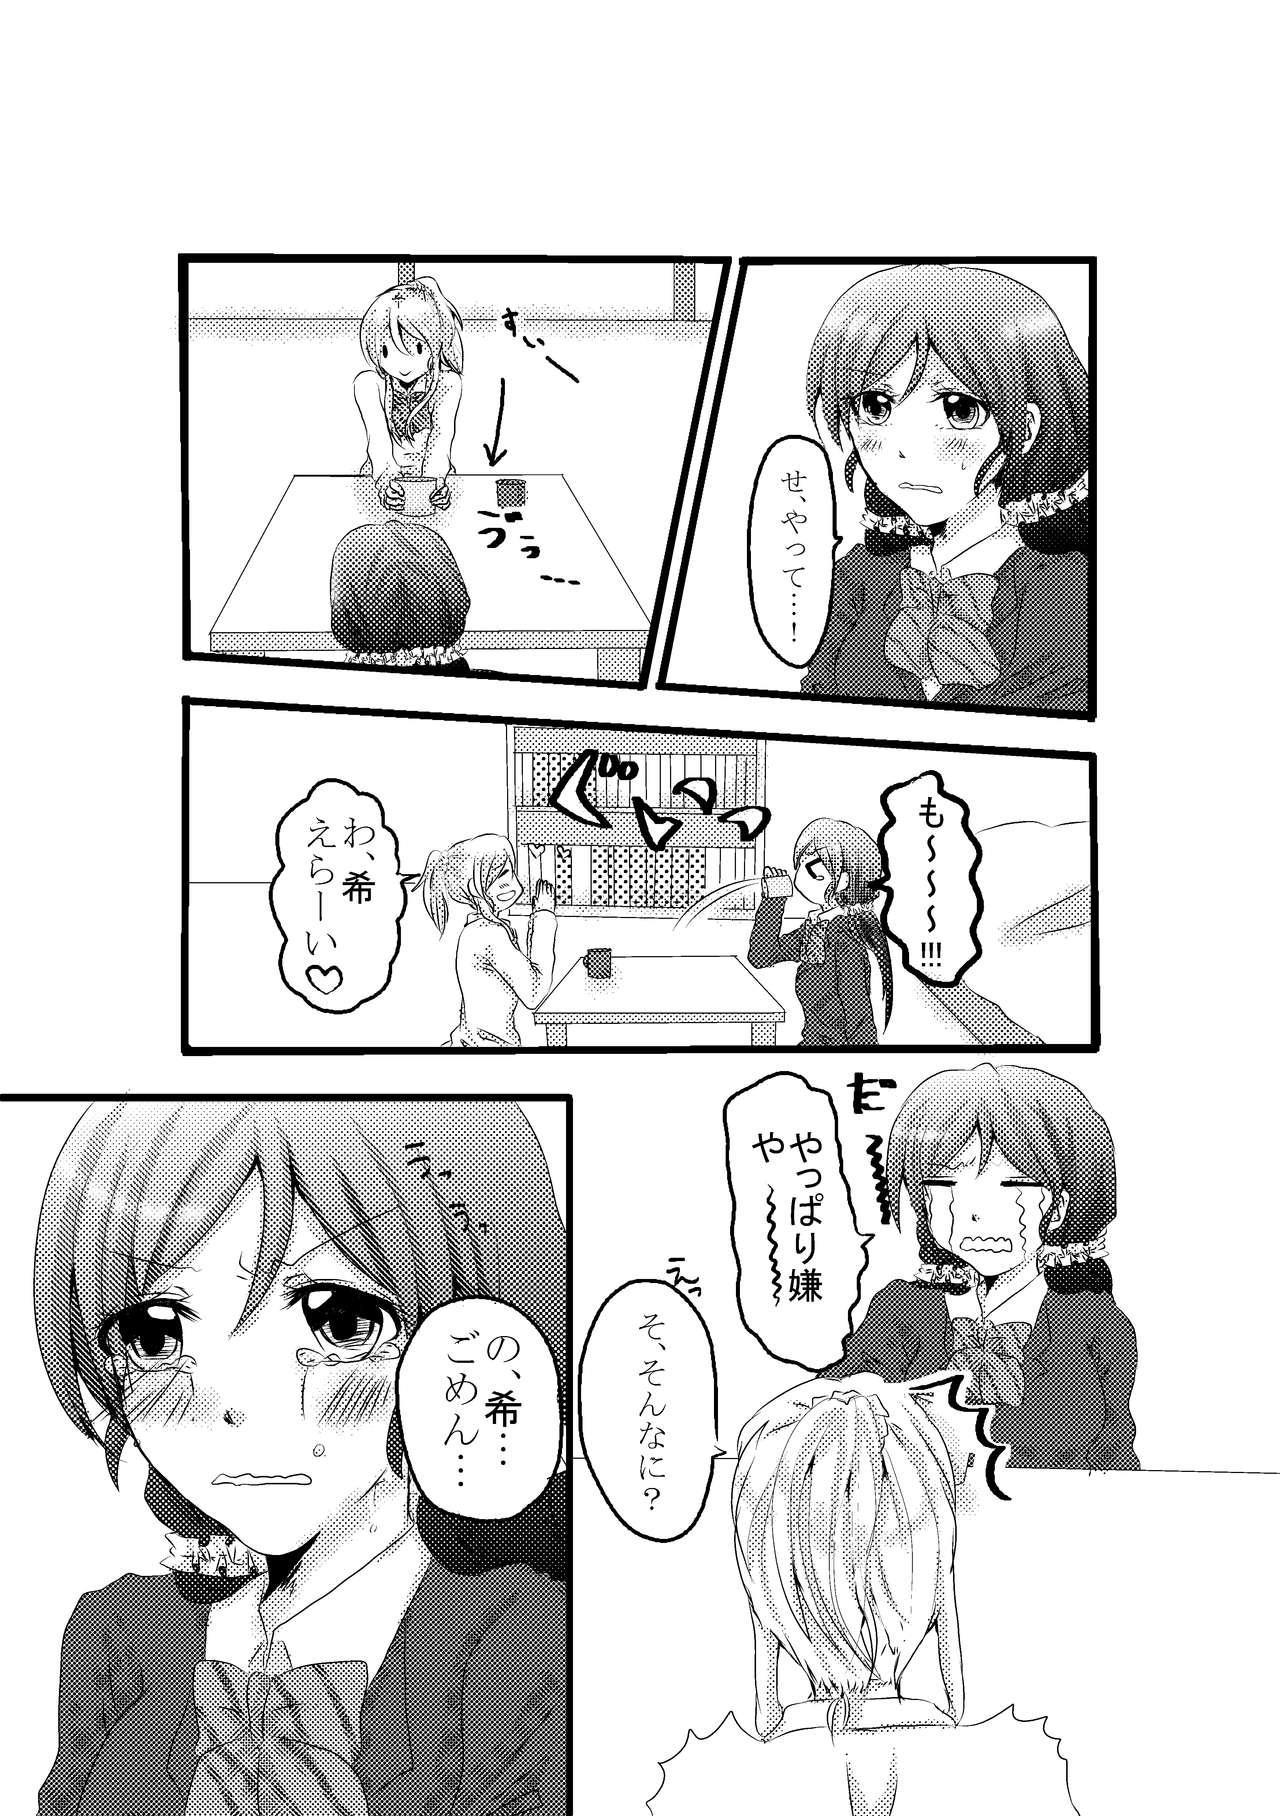 いたずらっこ絵里ちゃんとのぞみちゃんの話 3